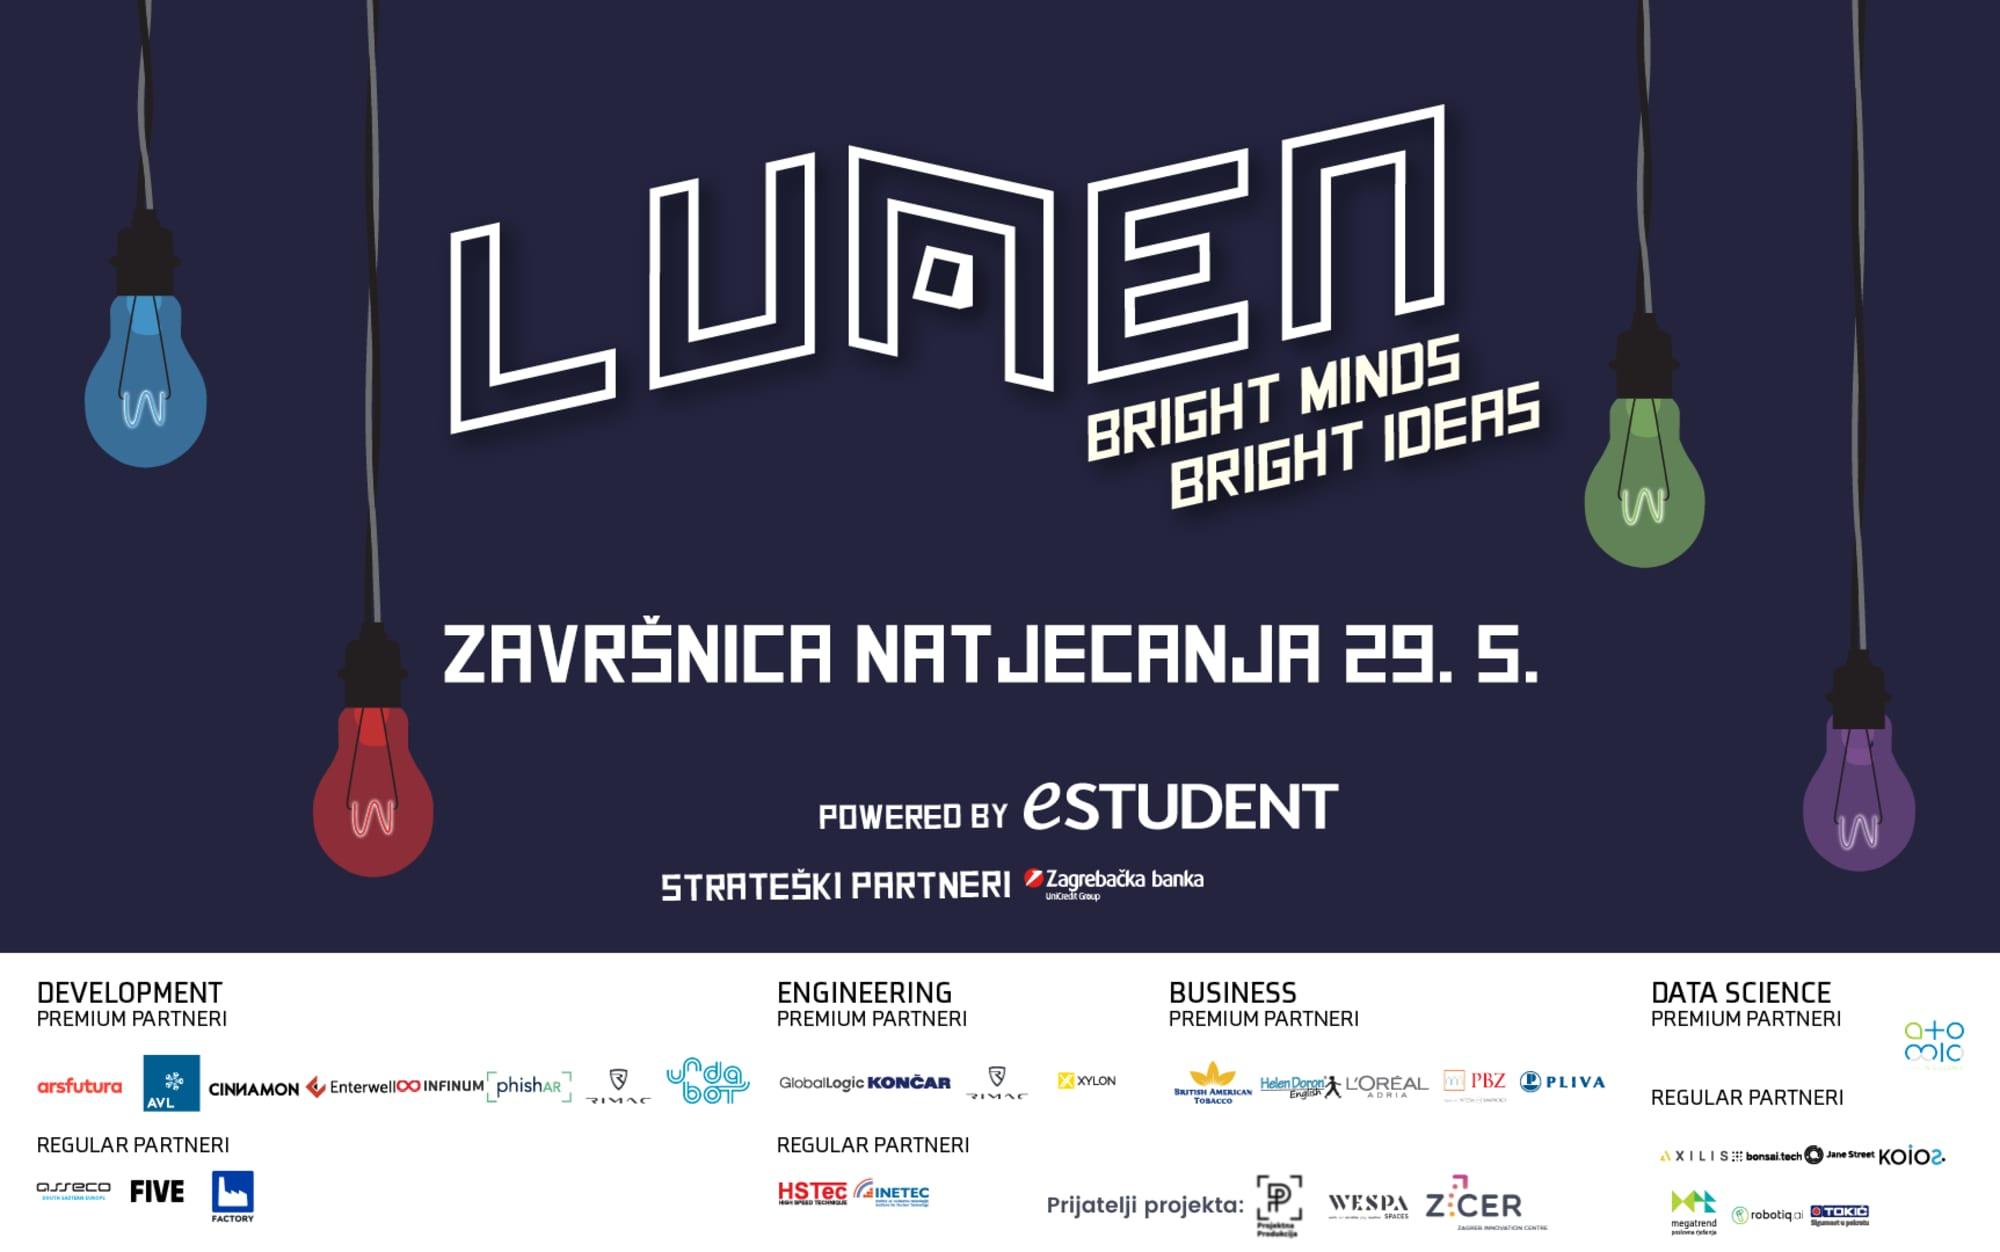 Bliži se završnica LUMENa –  najvećeg studentskog natjecanja